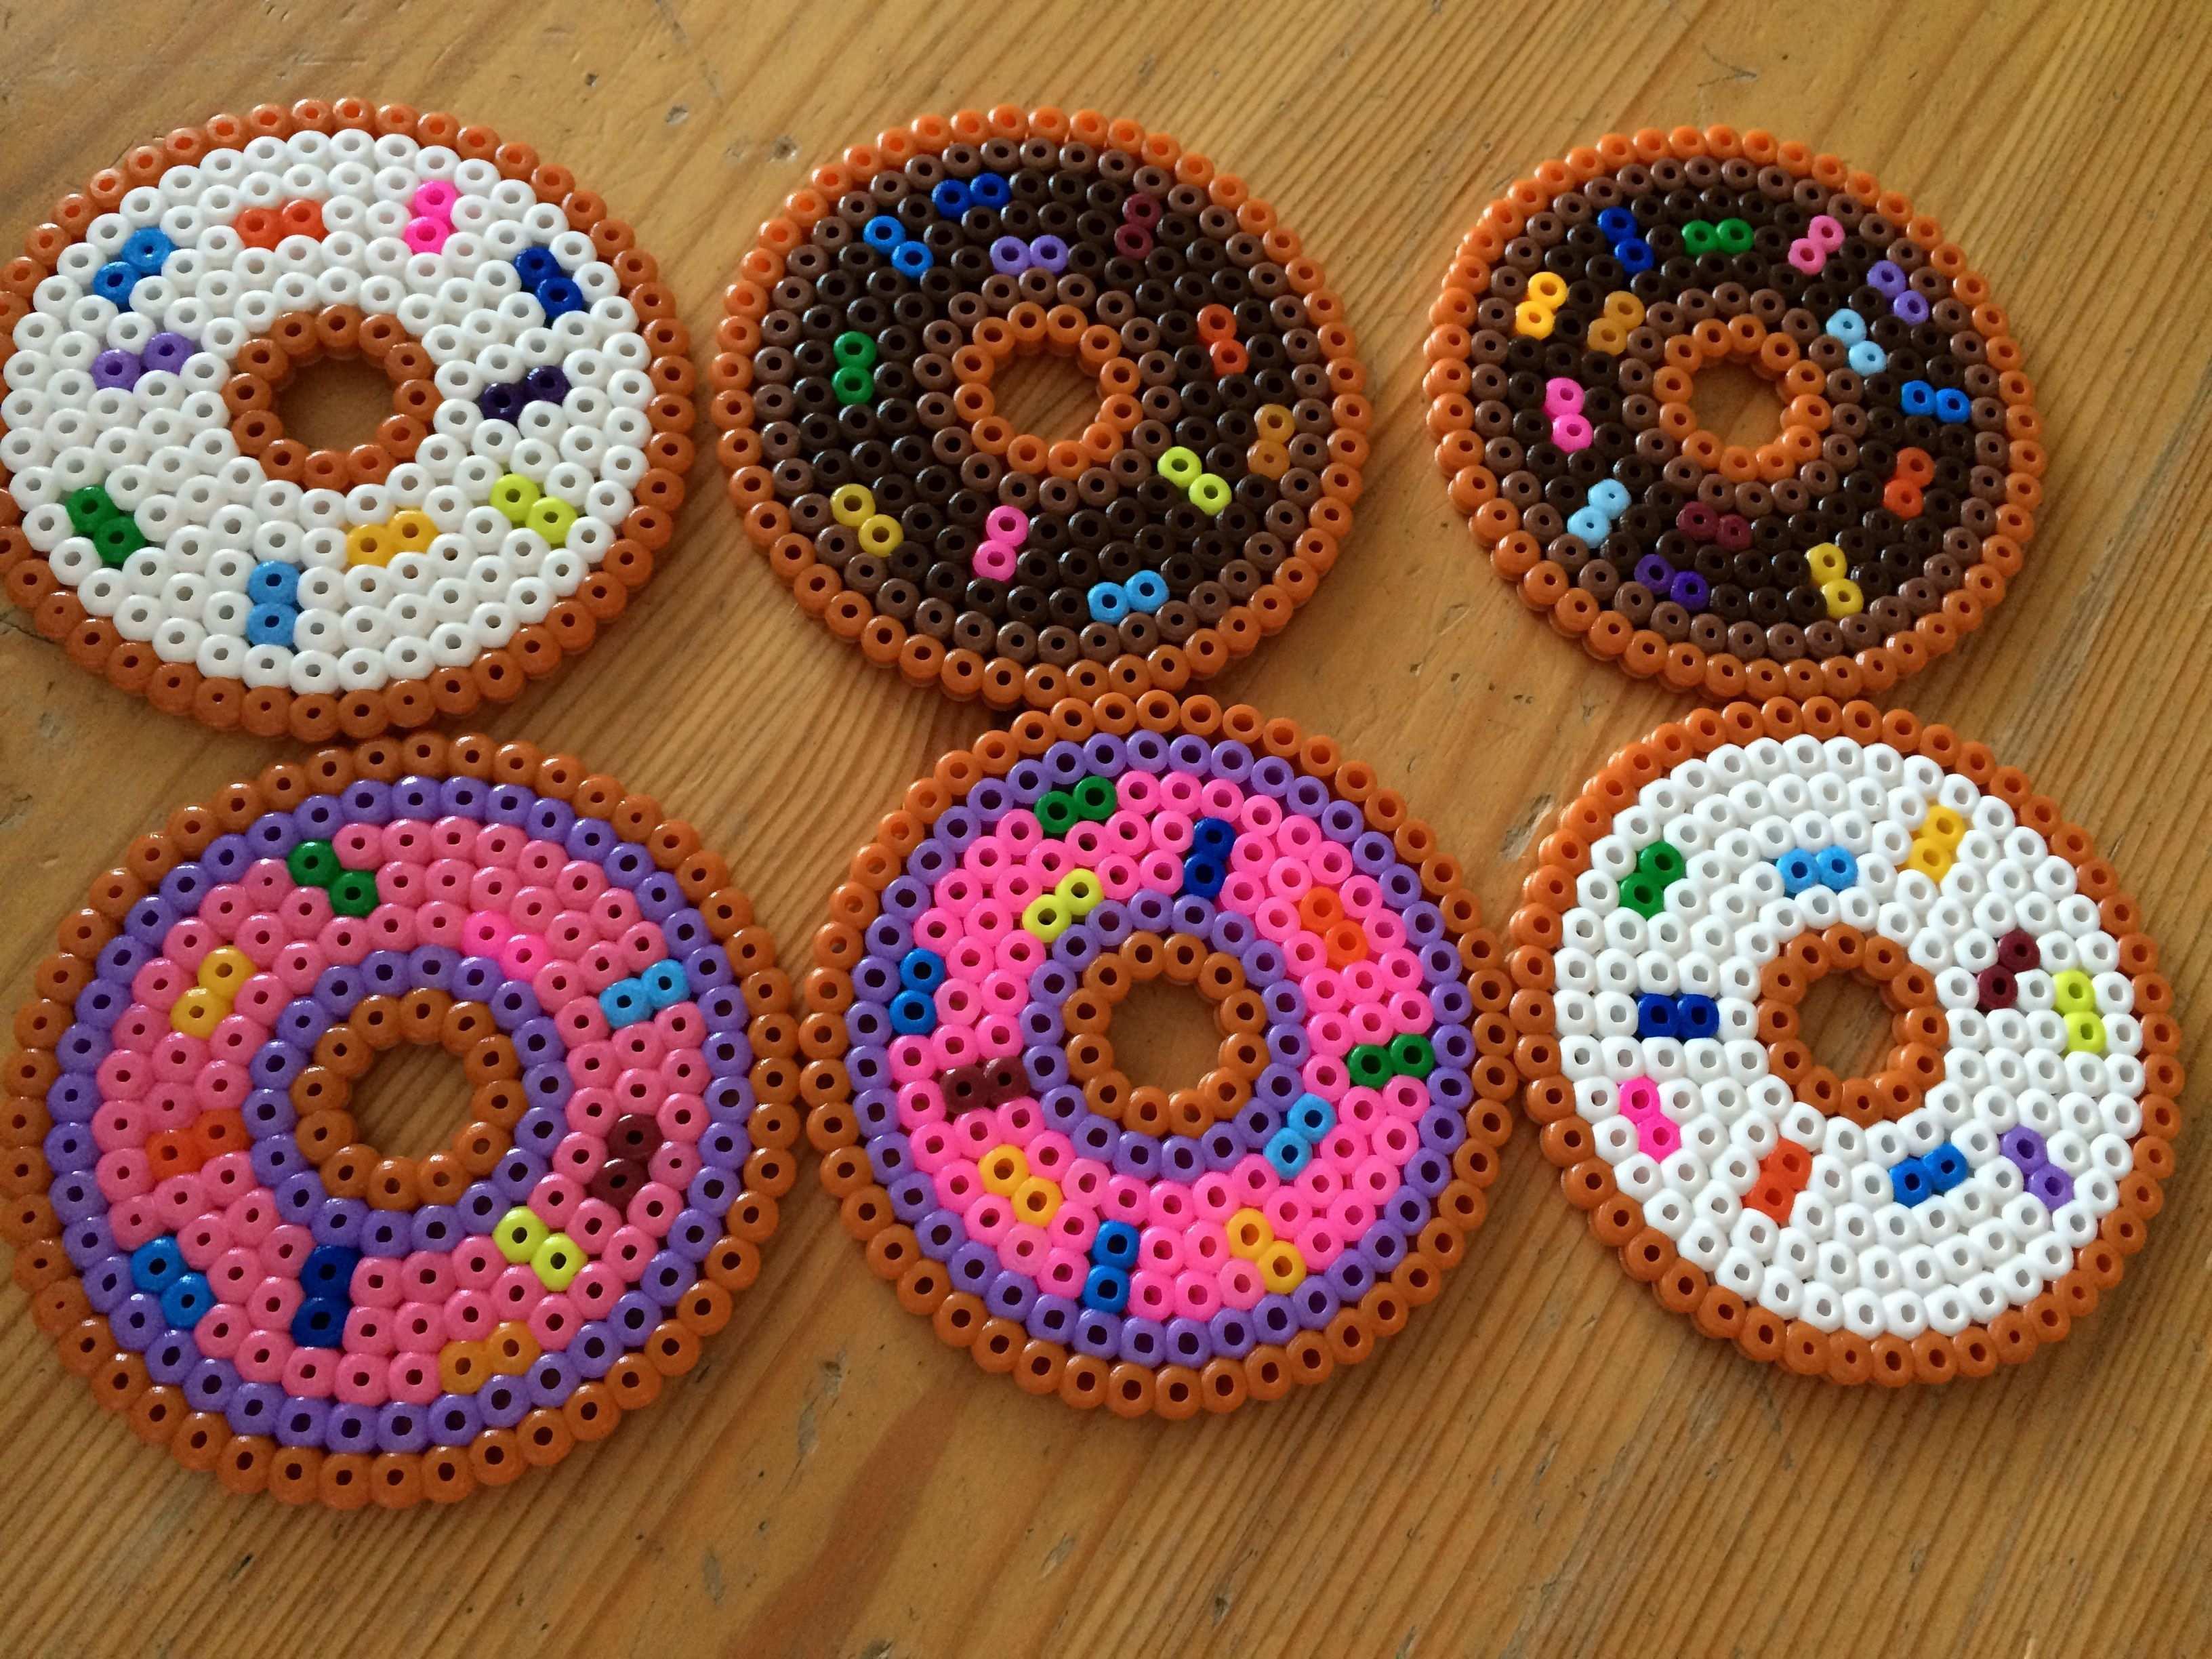 Bugelperlen Untersetzer In Form Von Donuts Bugelperlen Bugelperlen Vorlagen Basteln Mit Kindern